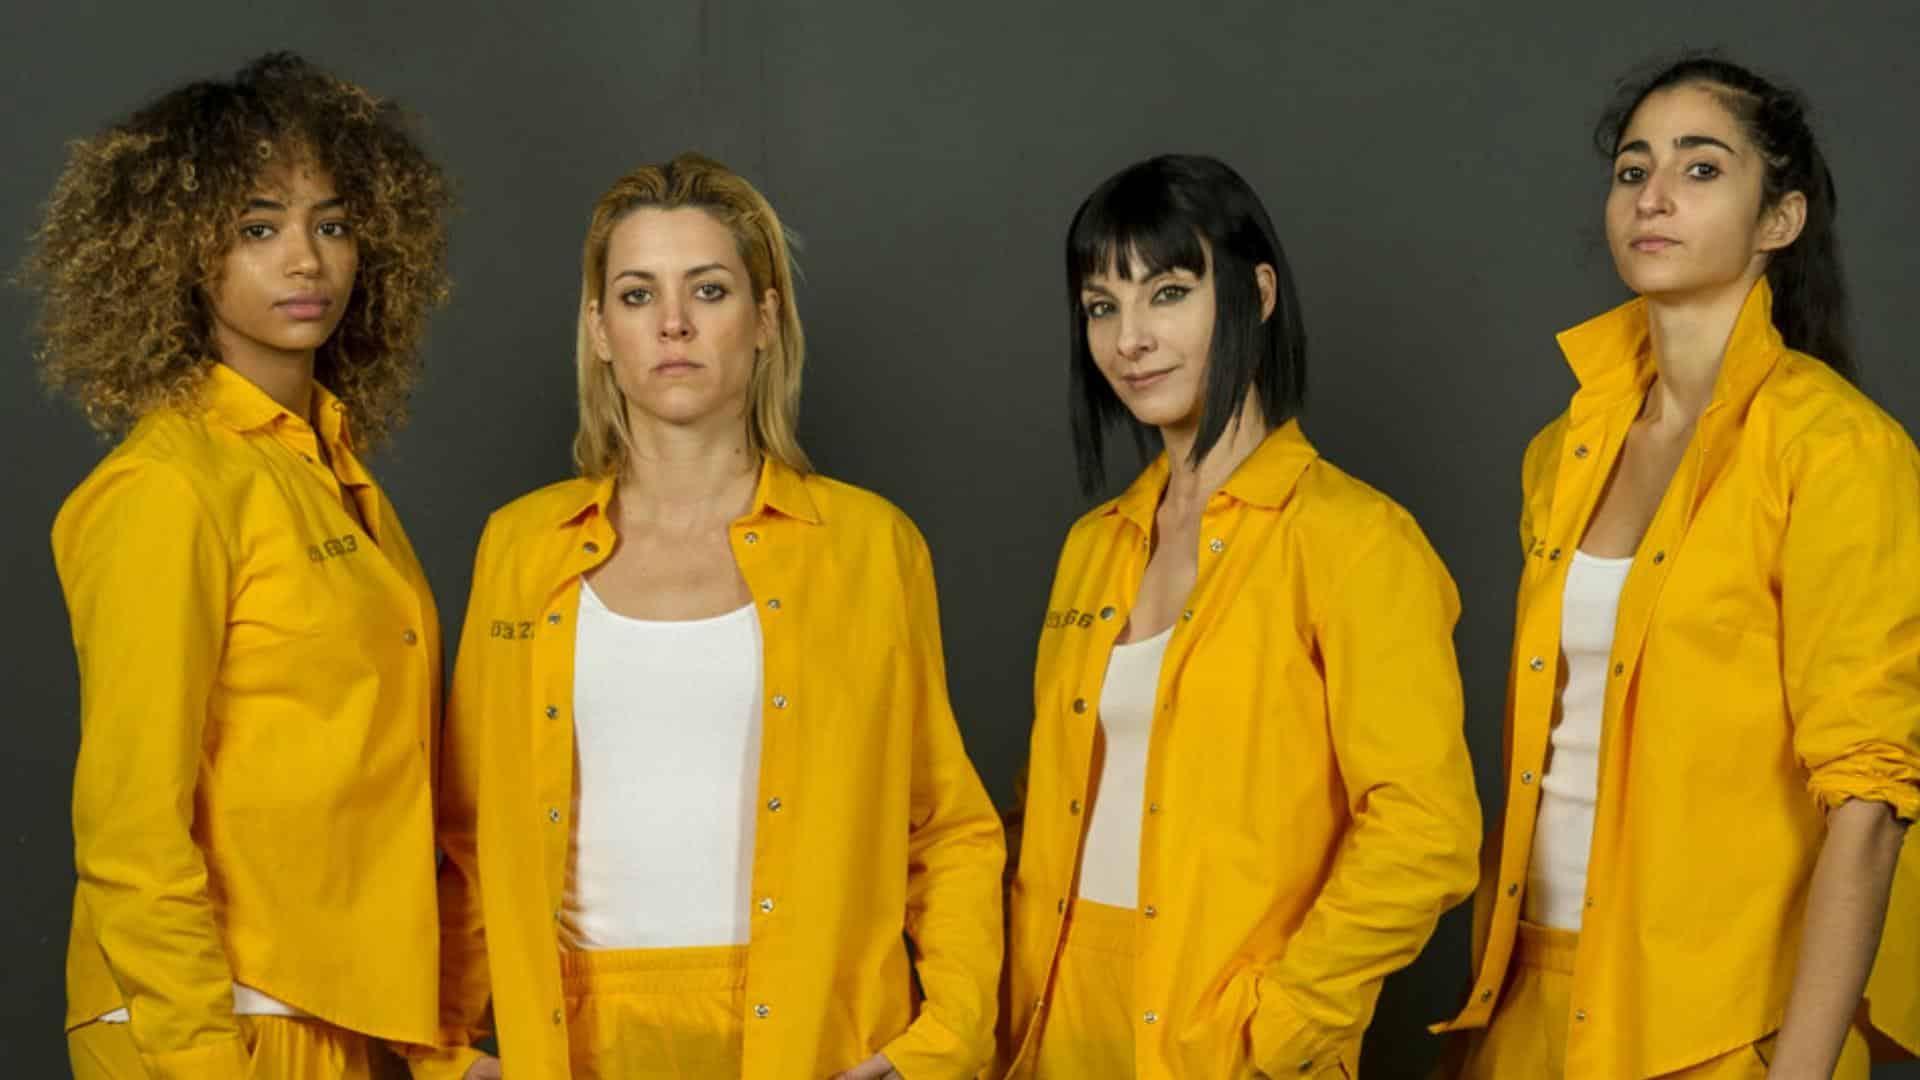 Cast vis a vis in tuta gialla Macarena e Zulema in primo piano